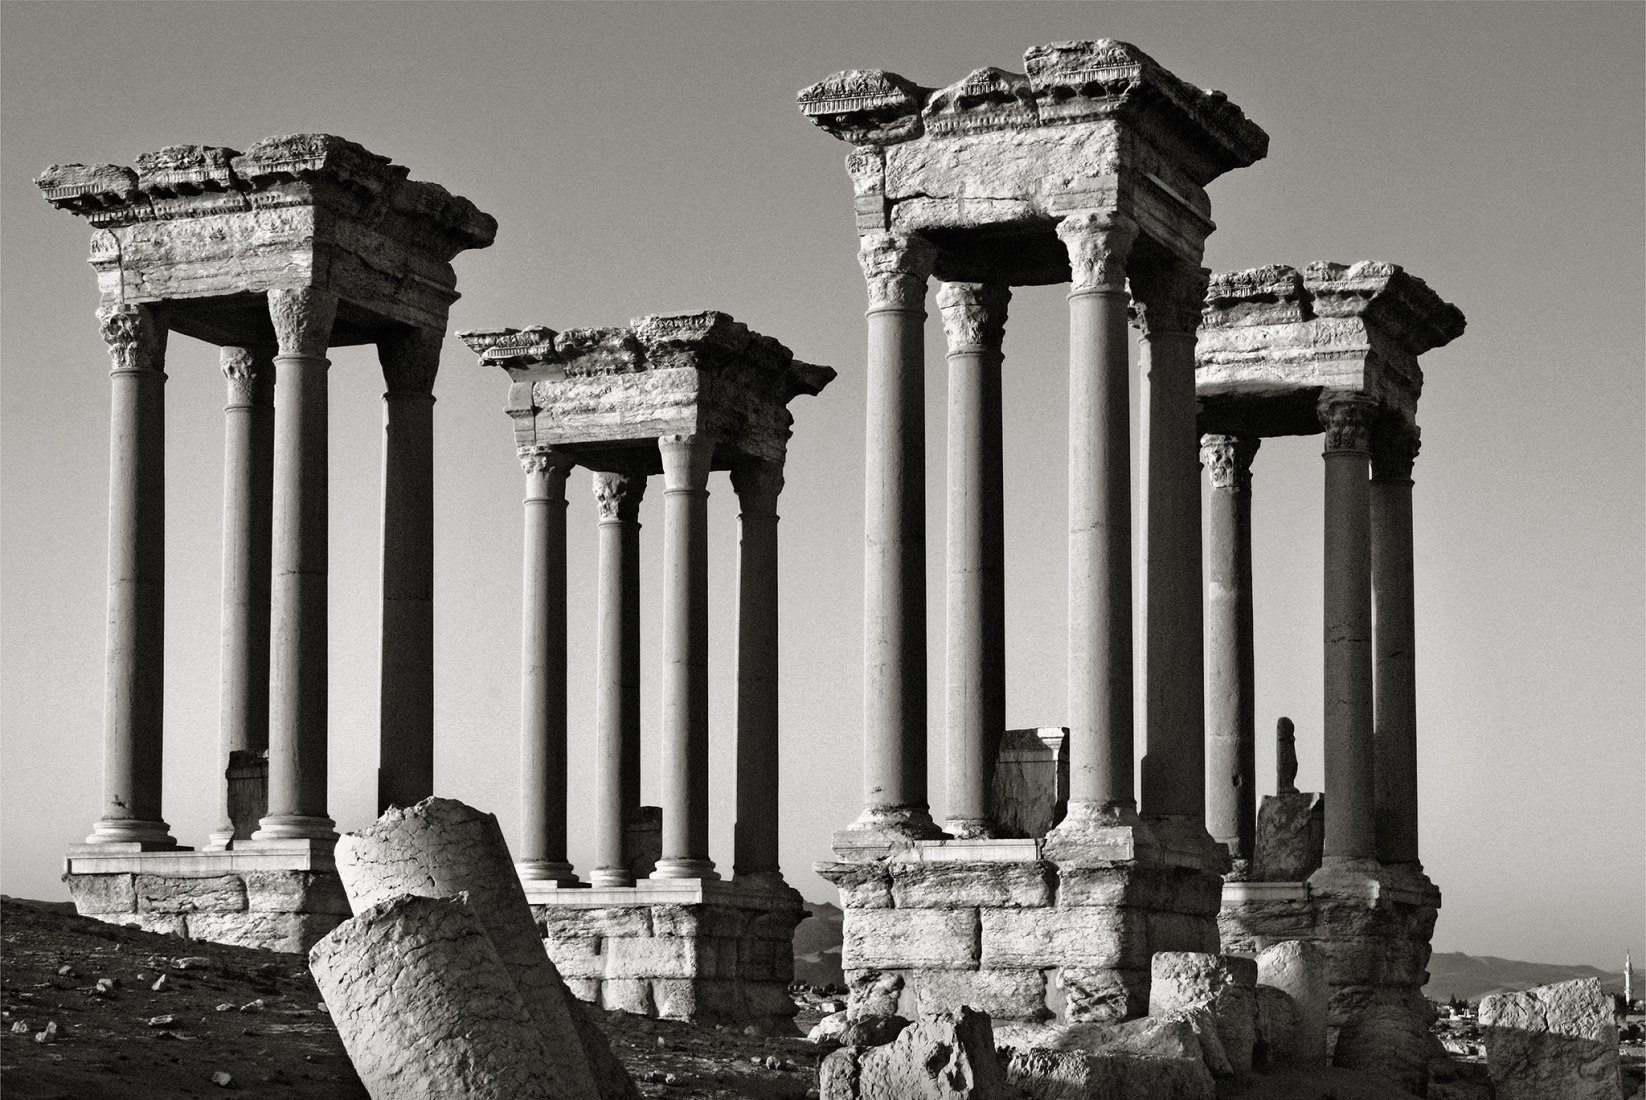 Palmira 1. Siria, una exposición de Pío Cabanillas. Imagen cortesía de La Fábrica